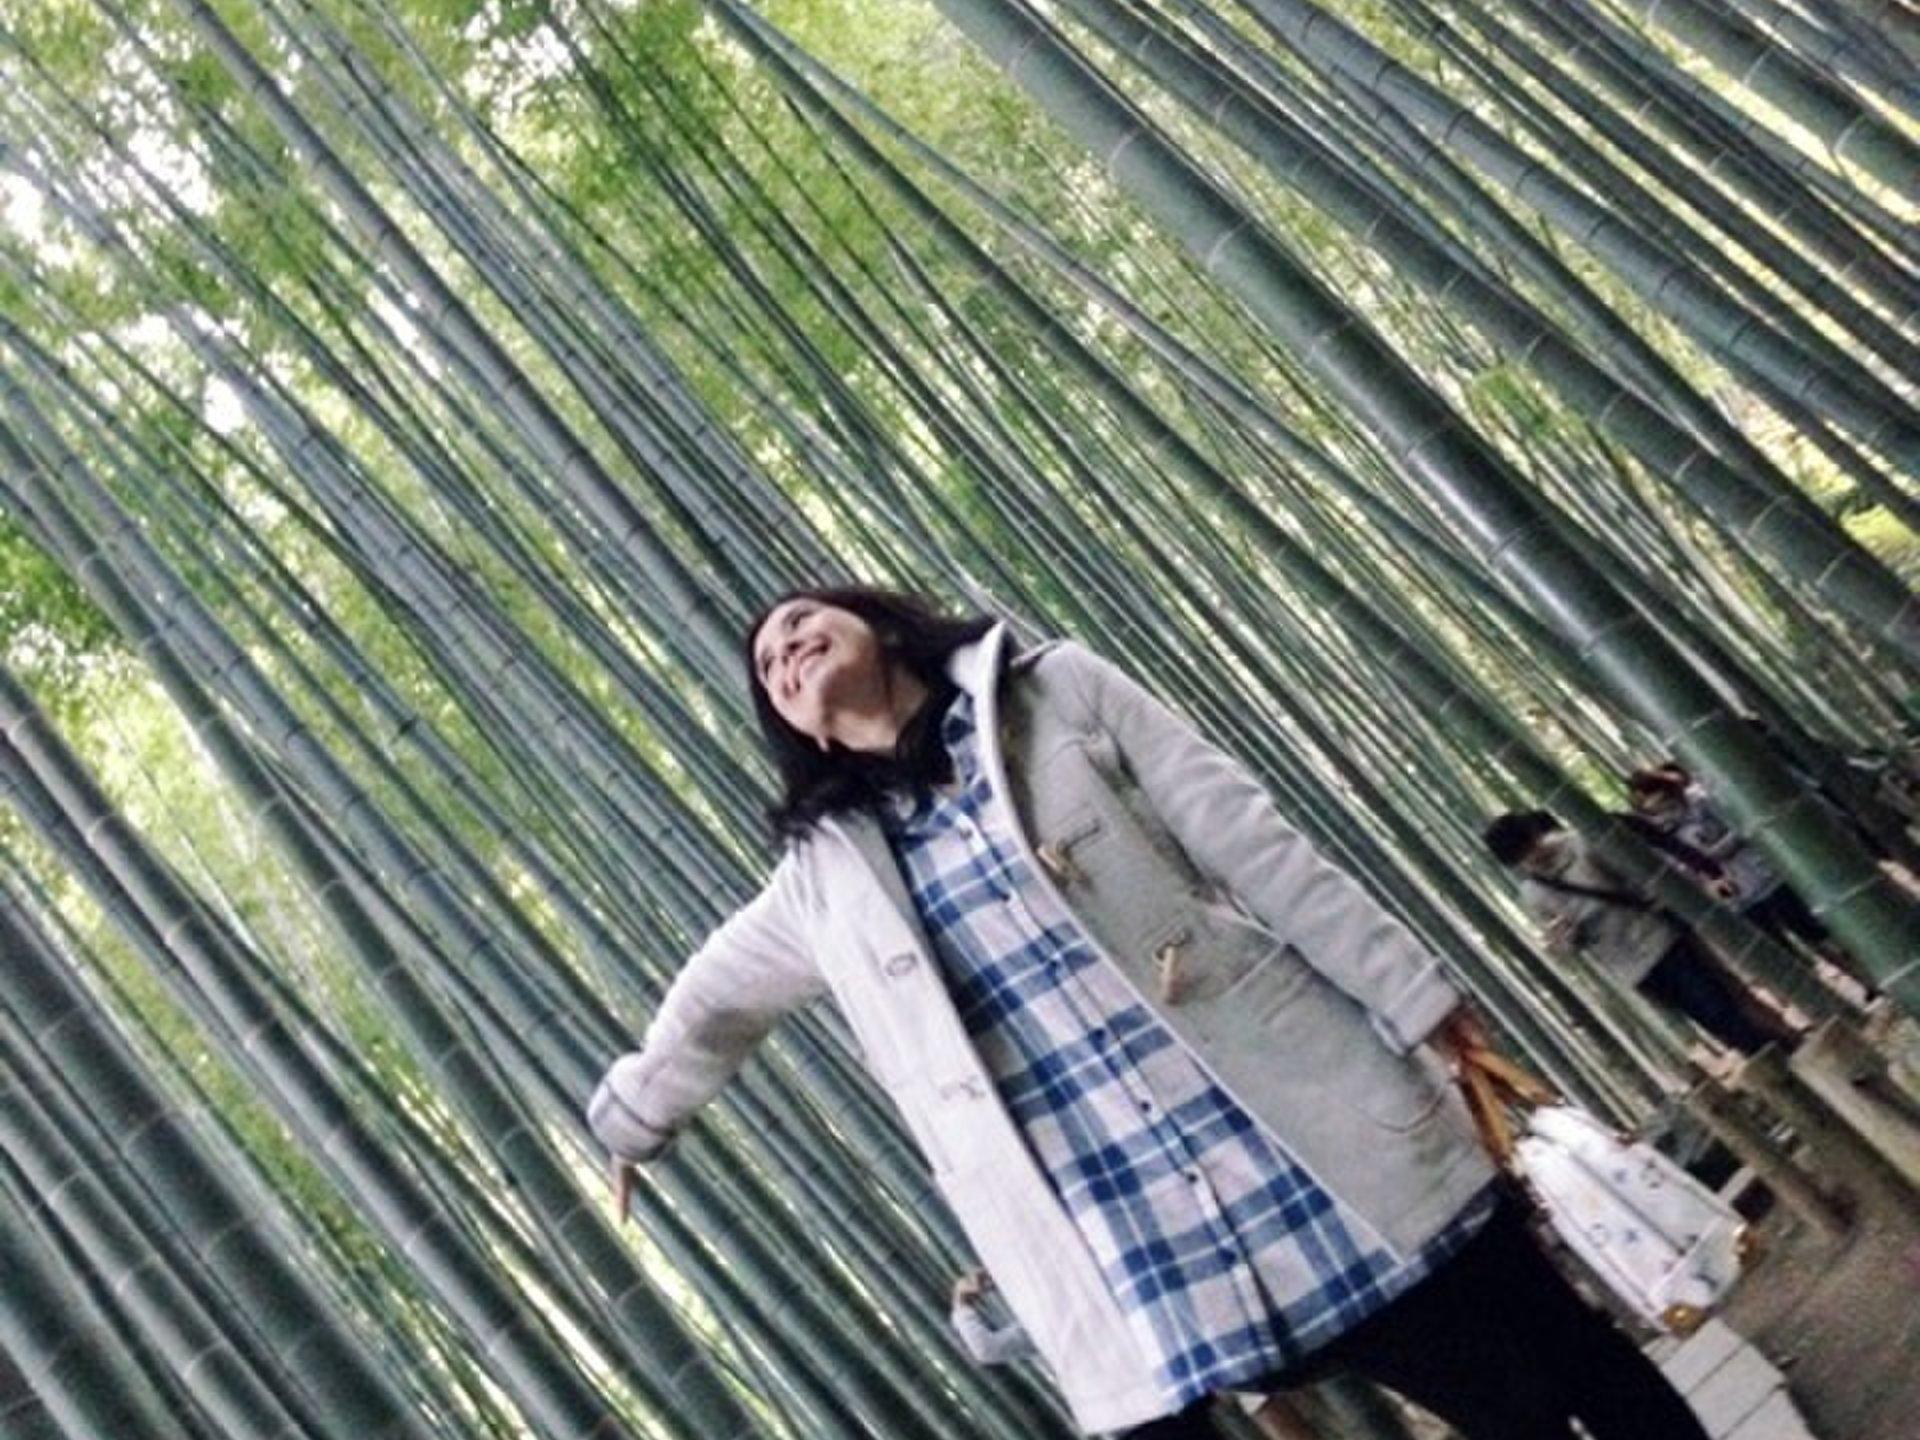 鎌倉観光!おすすめのお寺・神社スポットを巡るお散歩デートコース